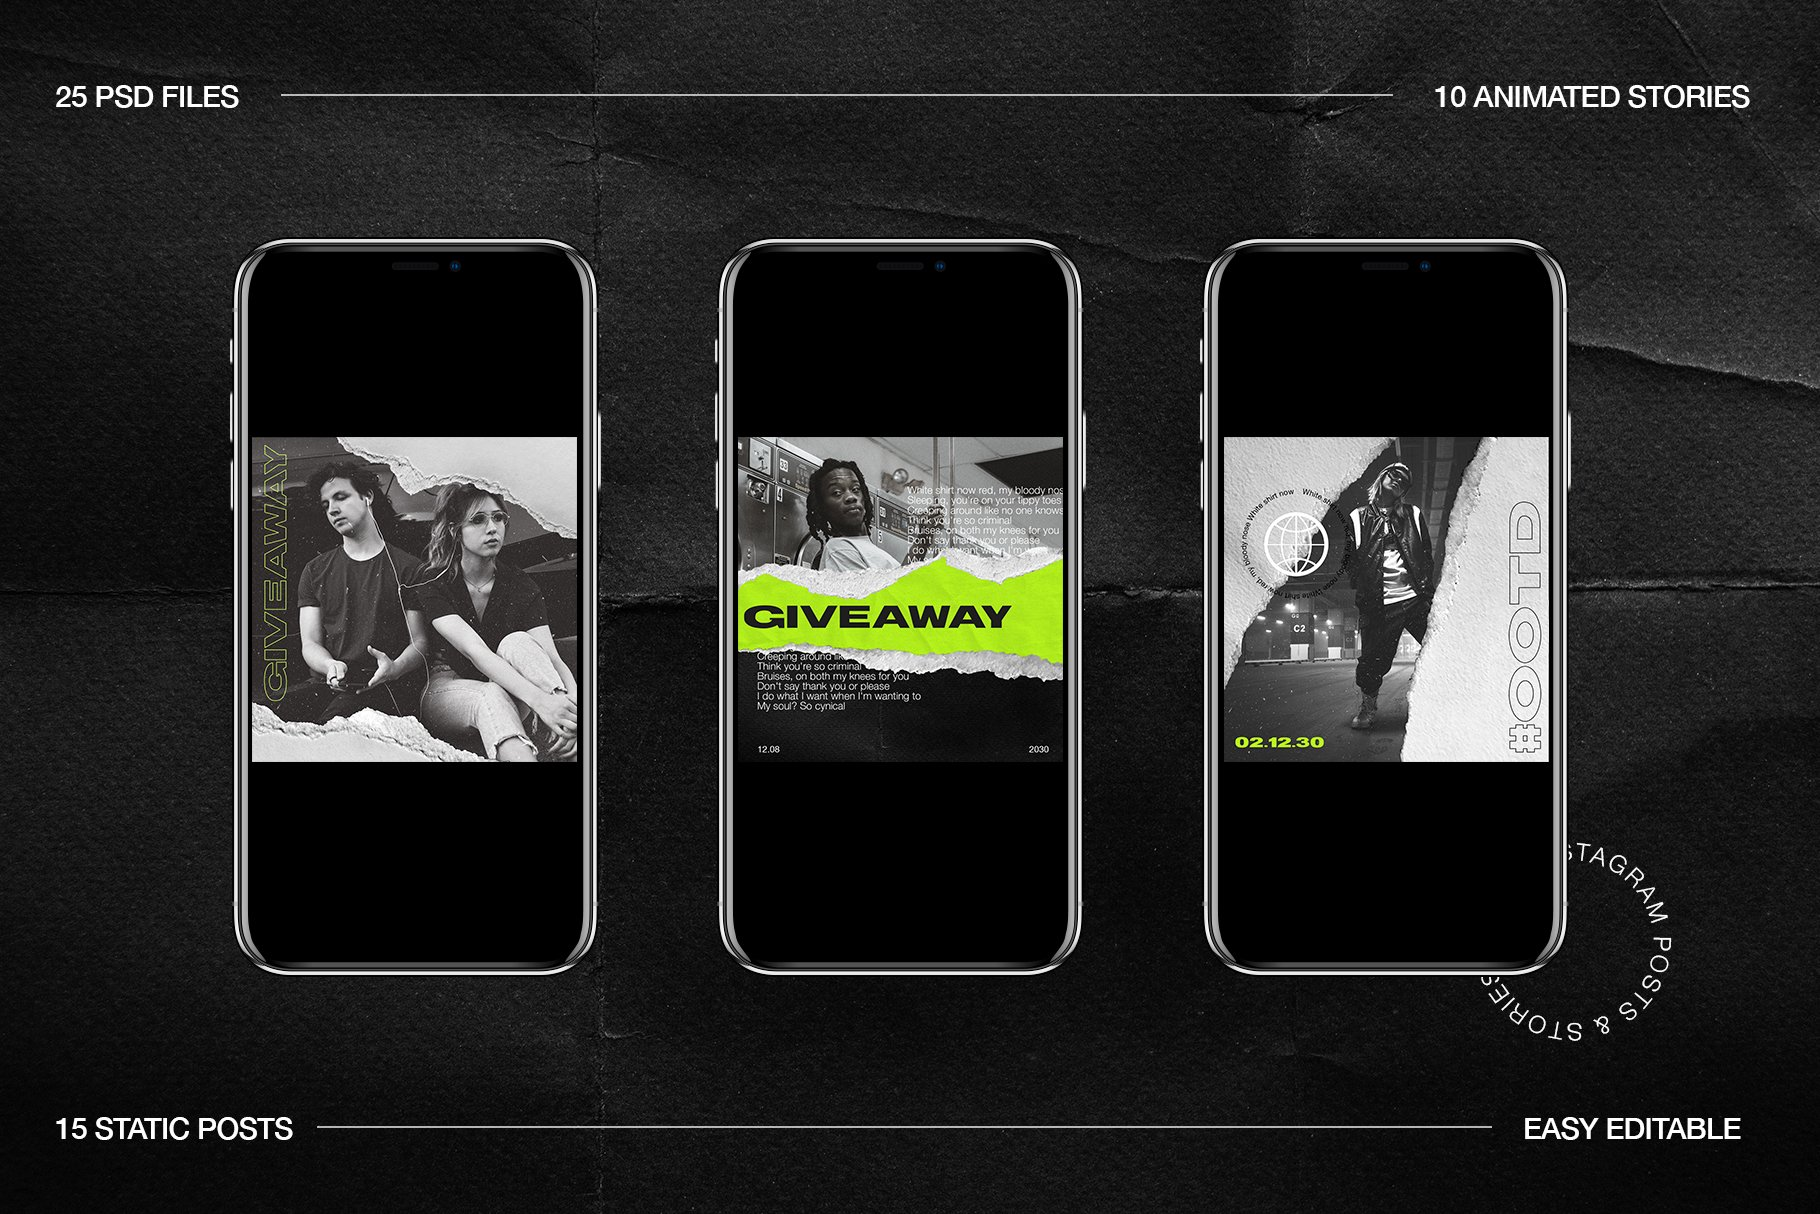 [淘宝购买] 潮流霓虹撕纸效果新媒体推广电商海报设计PSD模板 Neon Instagram Posts & Stories插图(6)